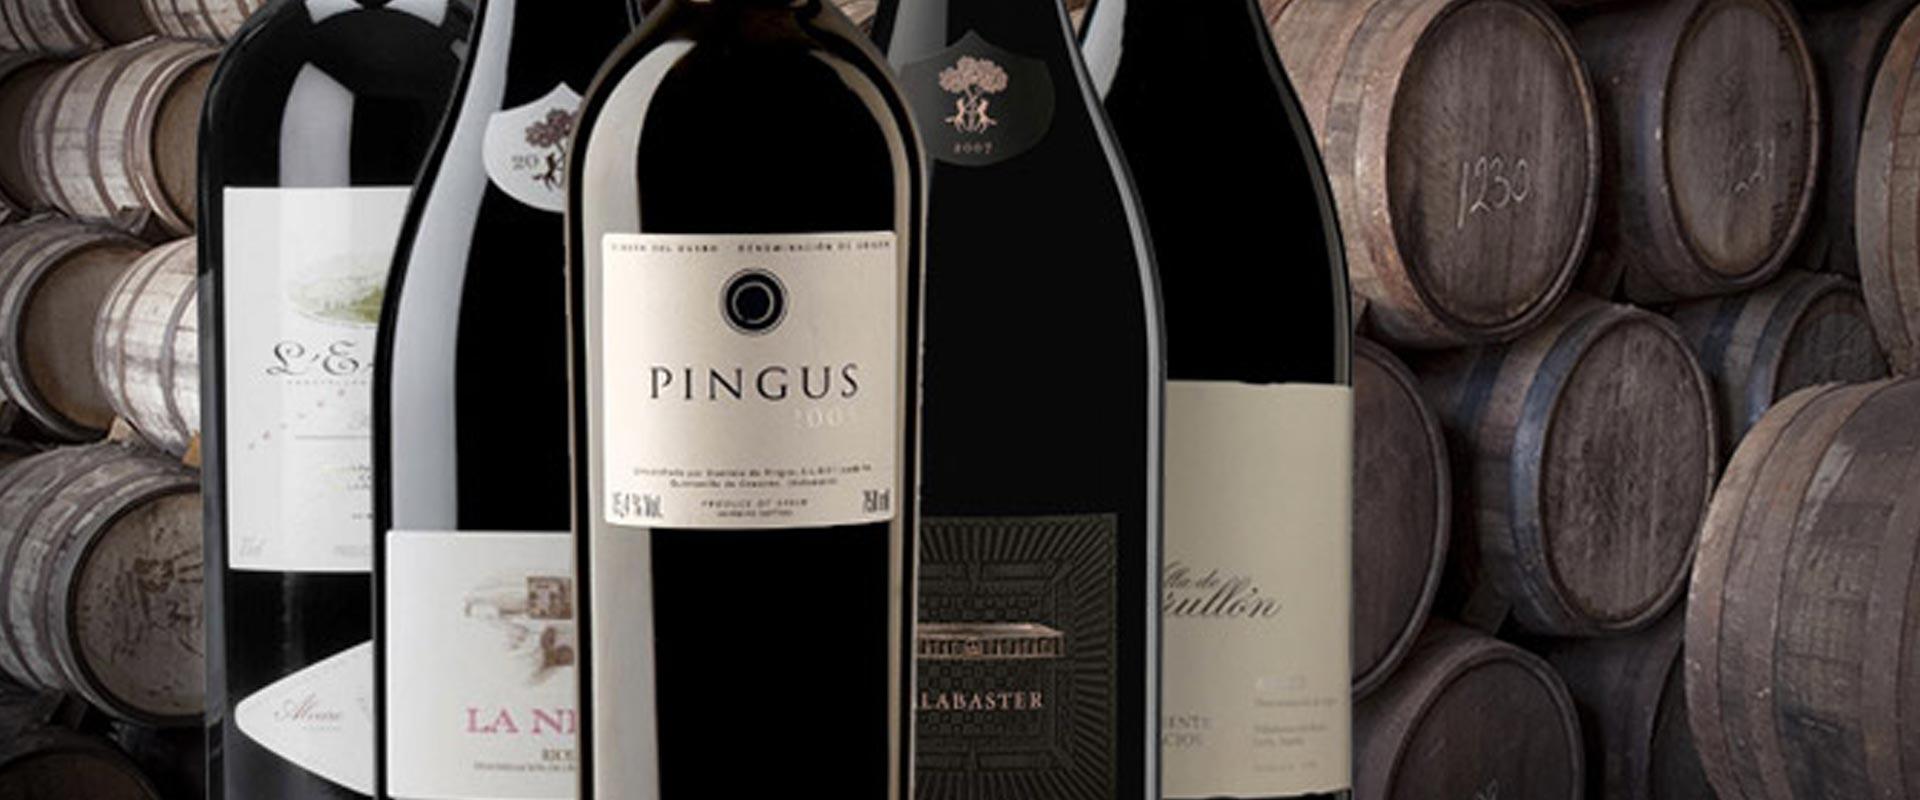 Seleccion de grandes vinos  Wines Suite